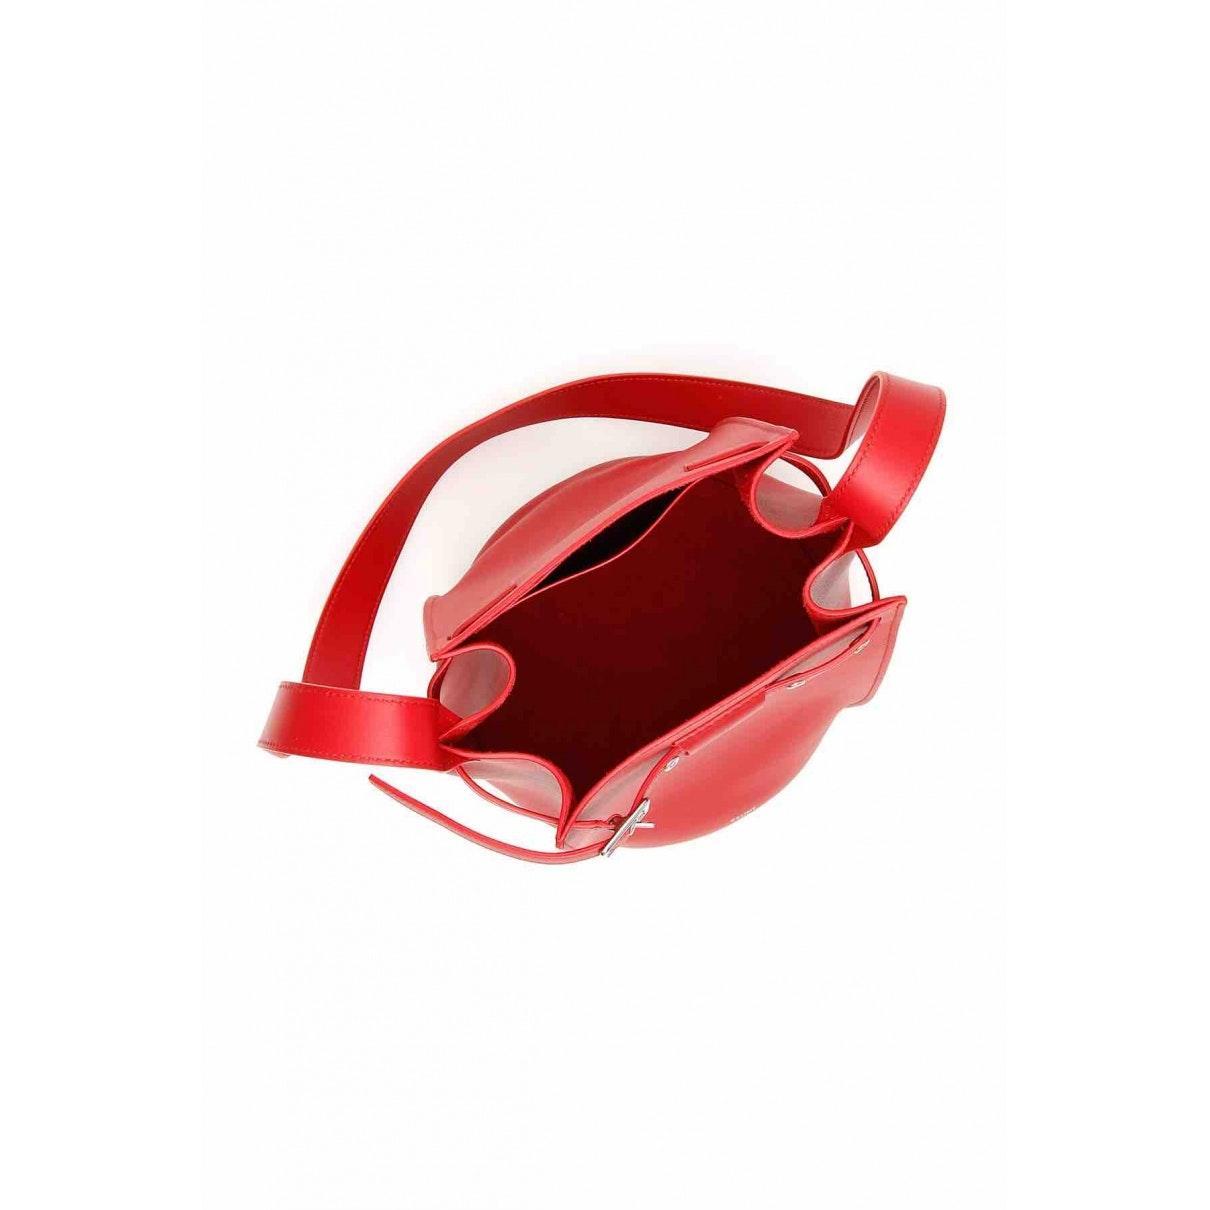 Sac à main Big Bag en Cuir Rouge Cuir Celine en coloris Rouge MHT5